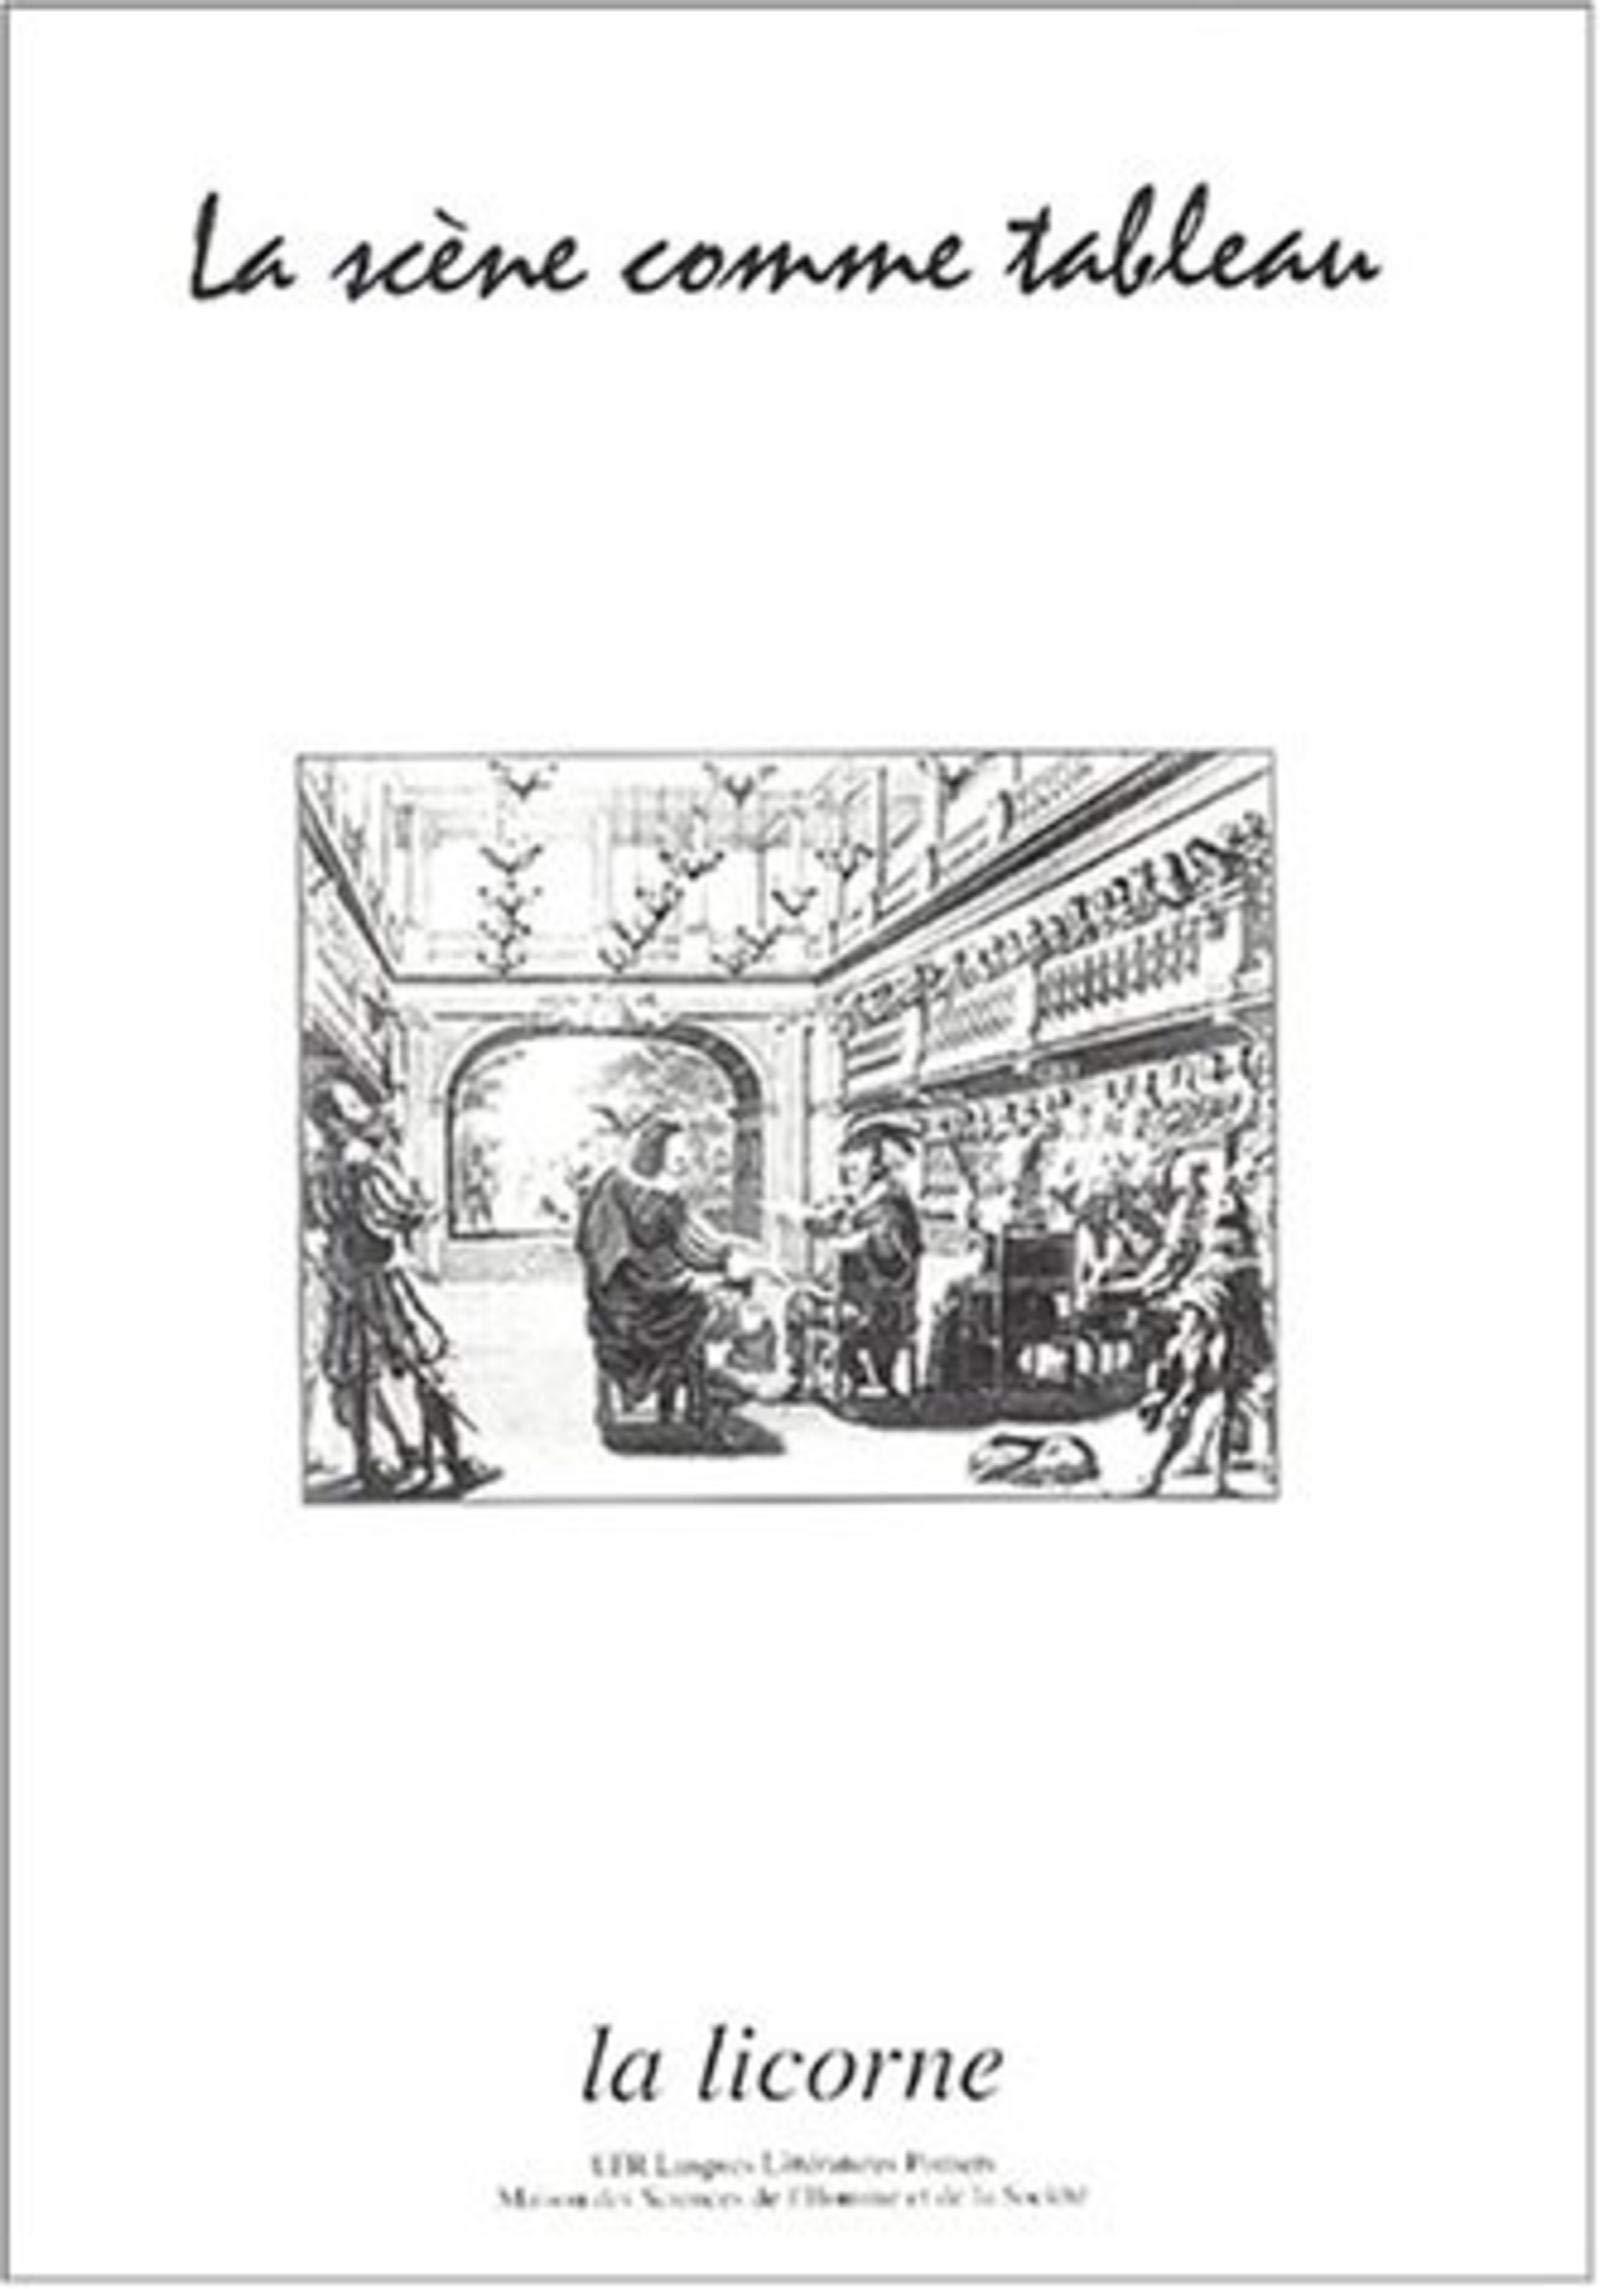 Scene Comme Tableau La Licorne Haquette Haquette Jean Louis Henin Emmanuelle 9782911044816 Amazon Com Books